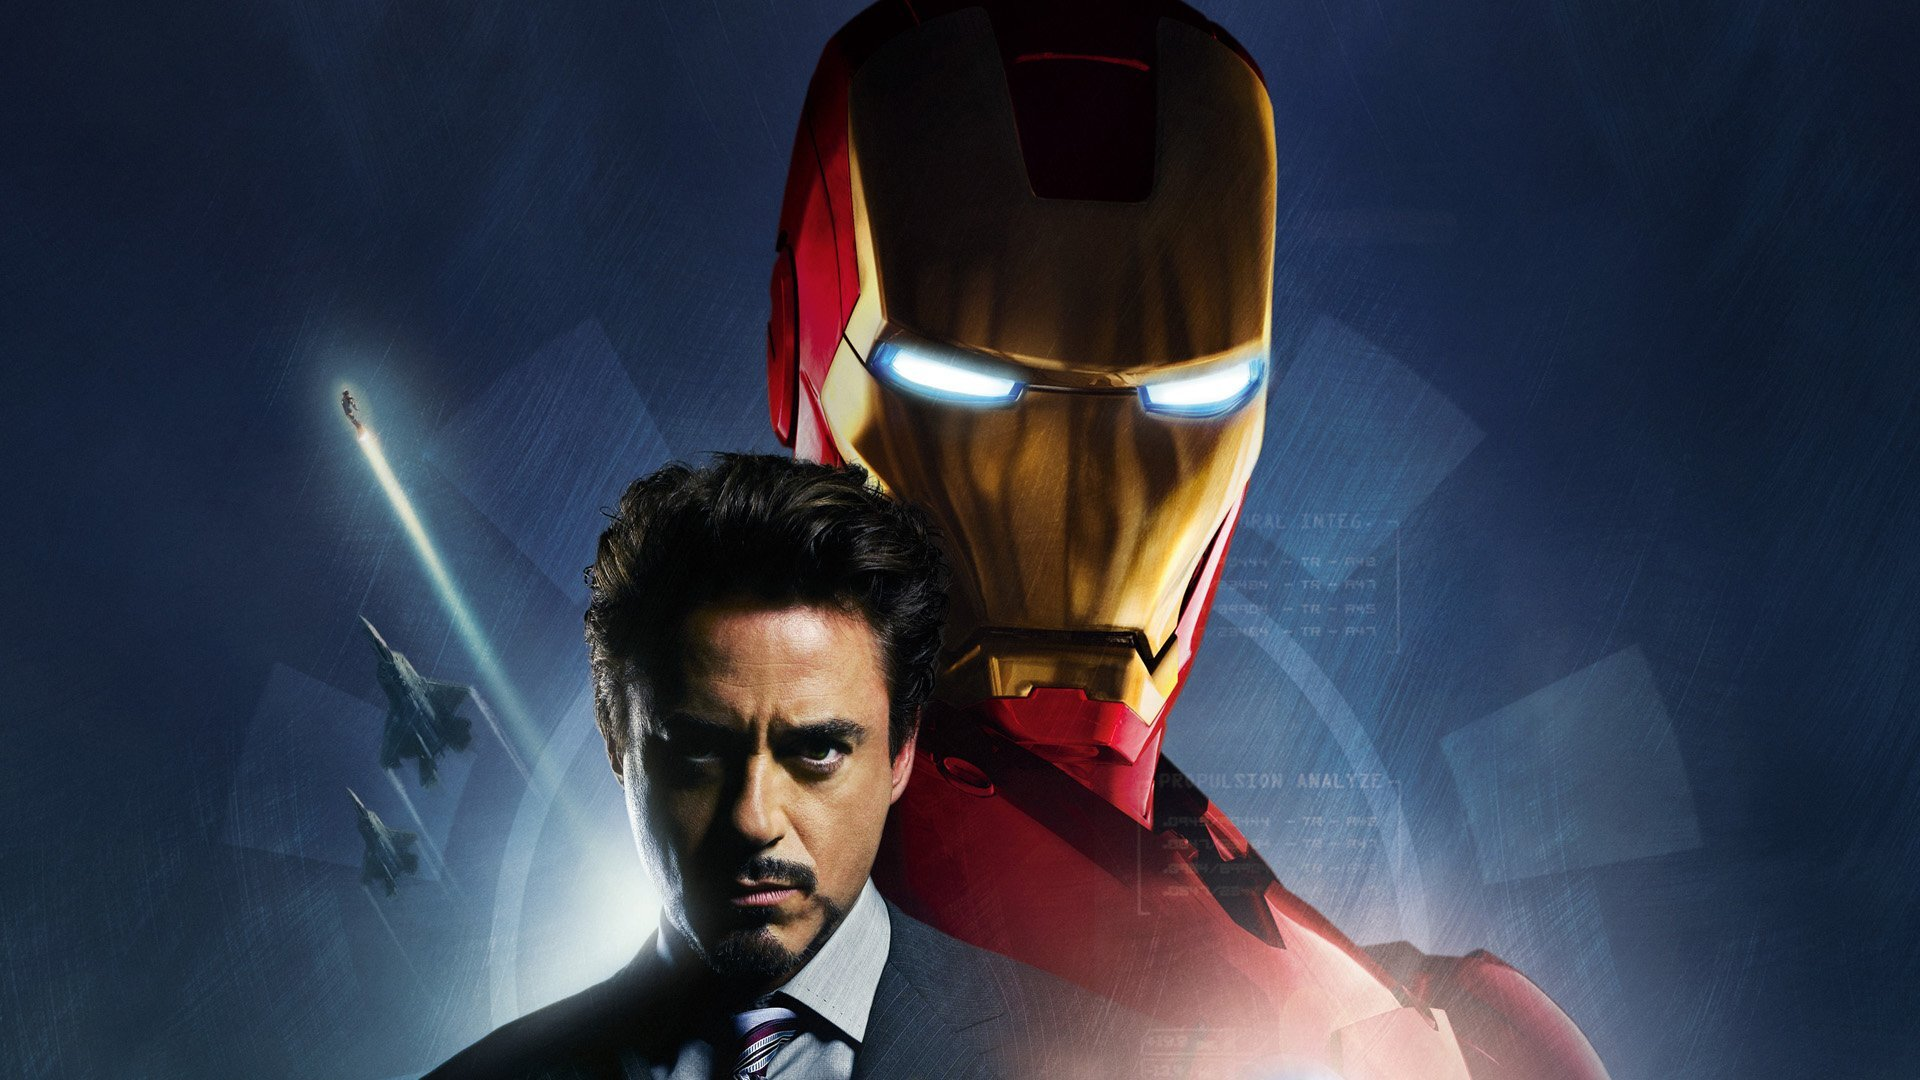 Chiunque potrebbe interpretare Iron Man fan di Robert Downey Jr furiosi per la frase sullattore